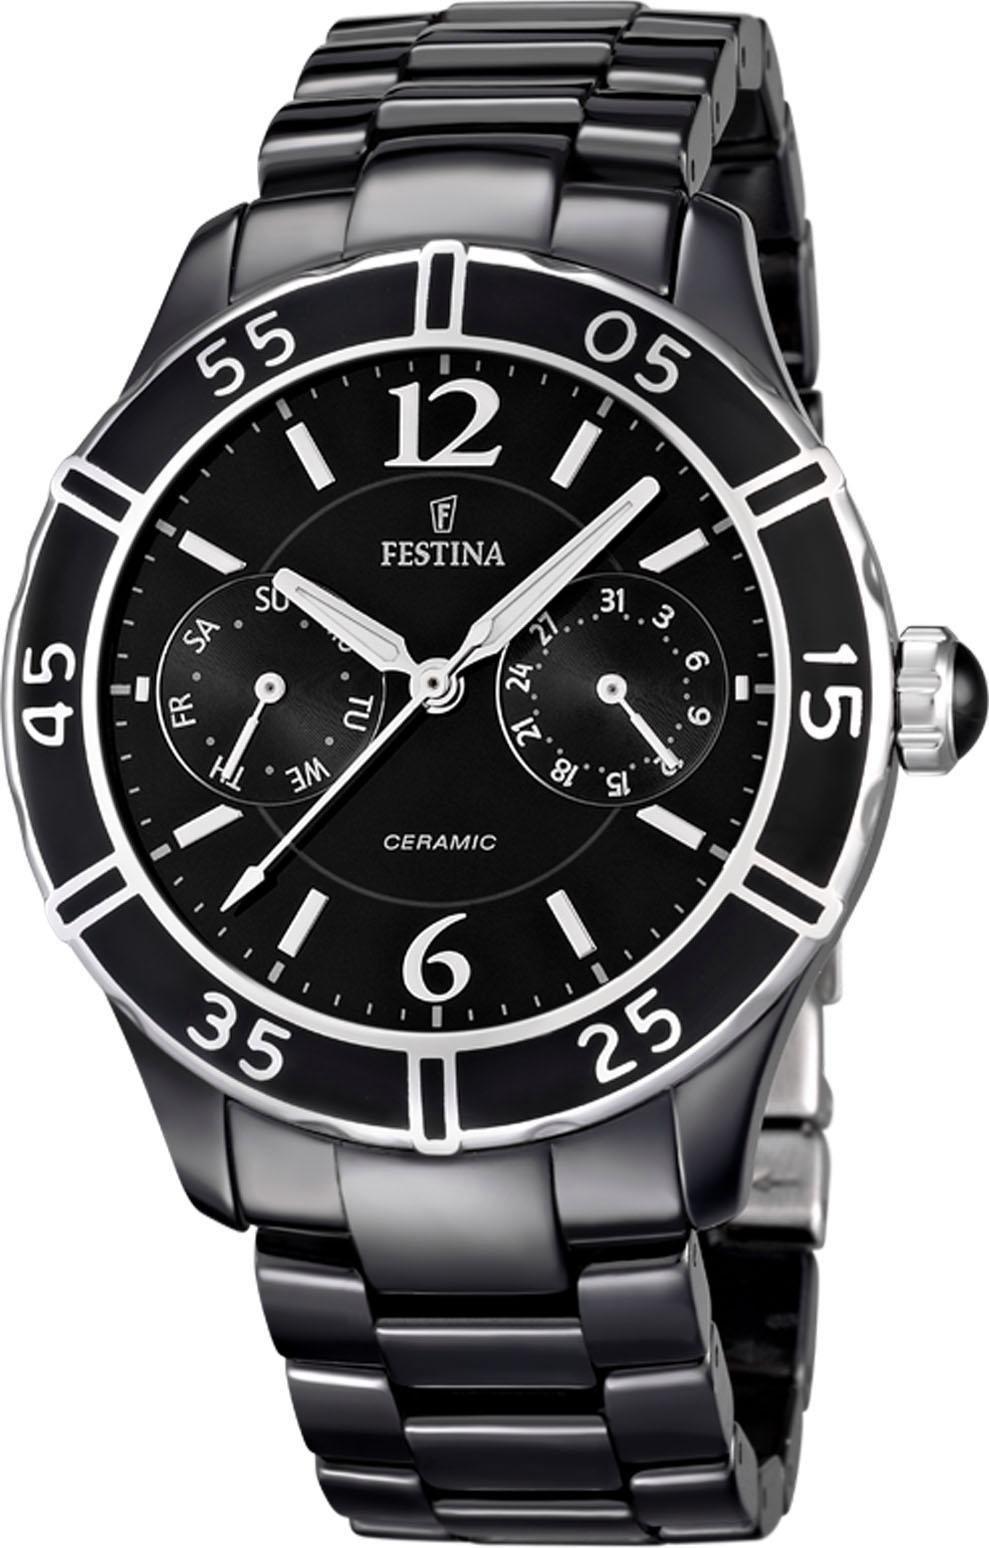 Festina multifunctioneel horloge »Trend, F16622/2« - verschillende betaalmethodes